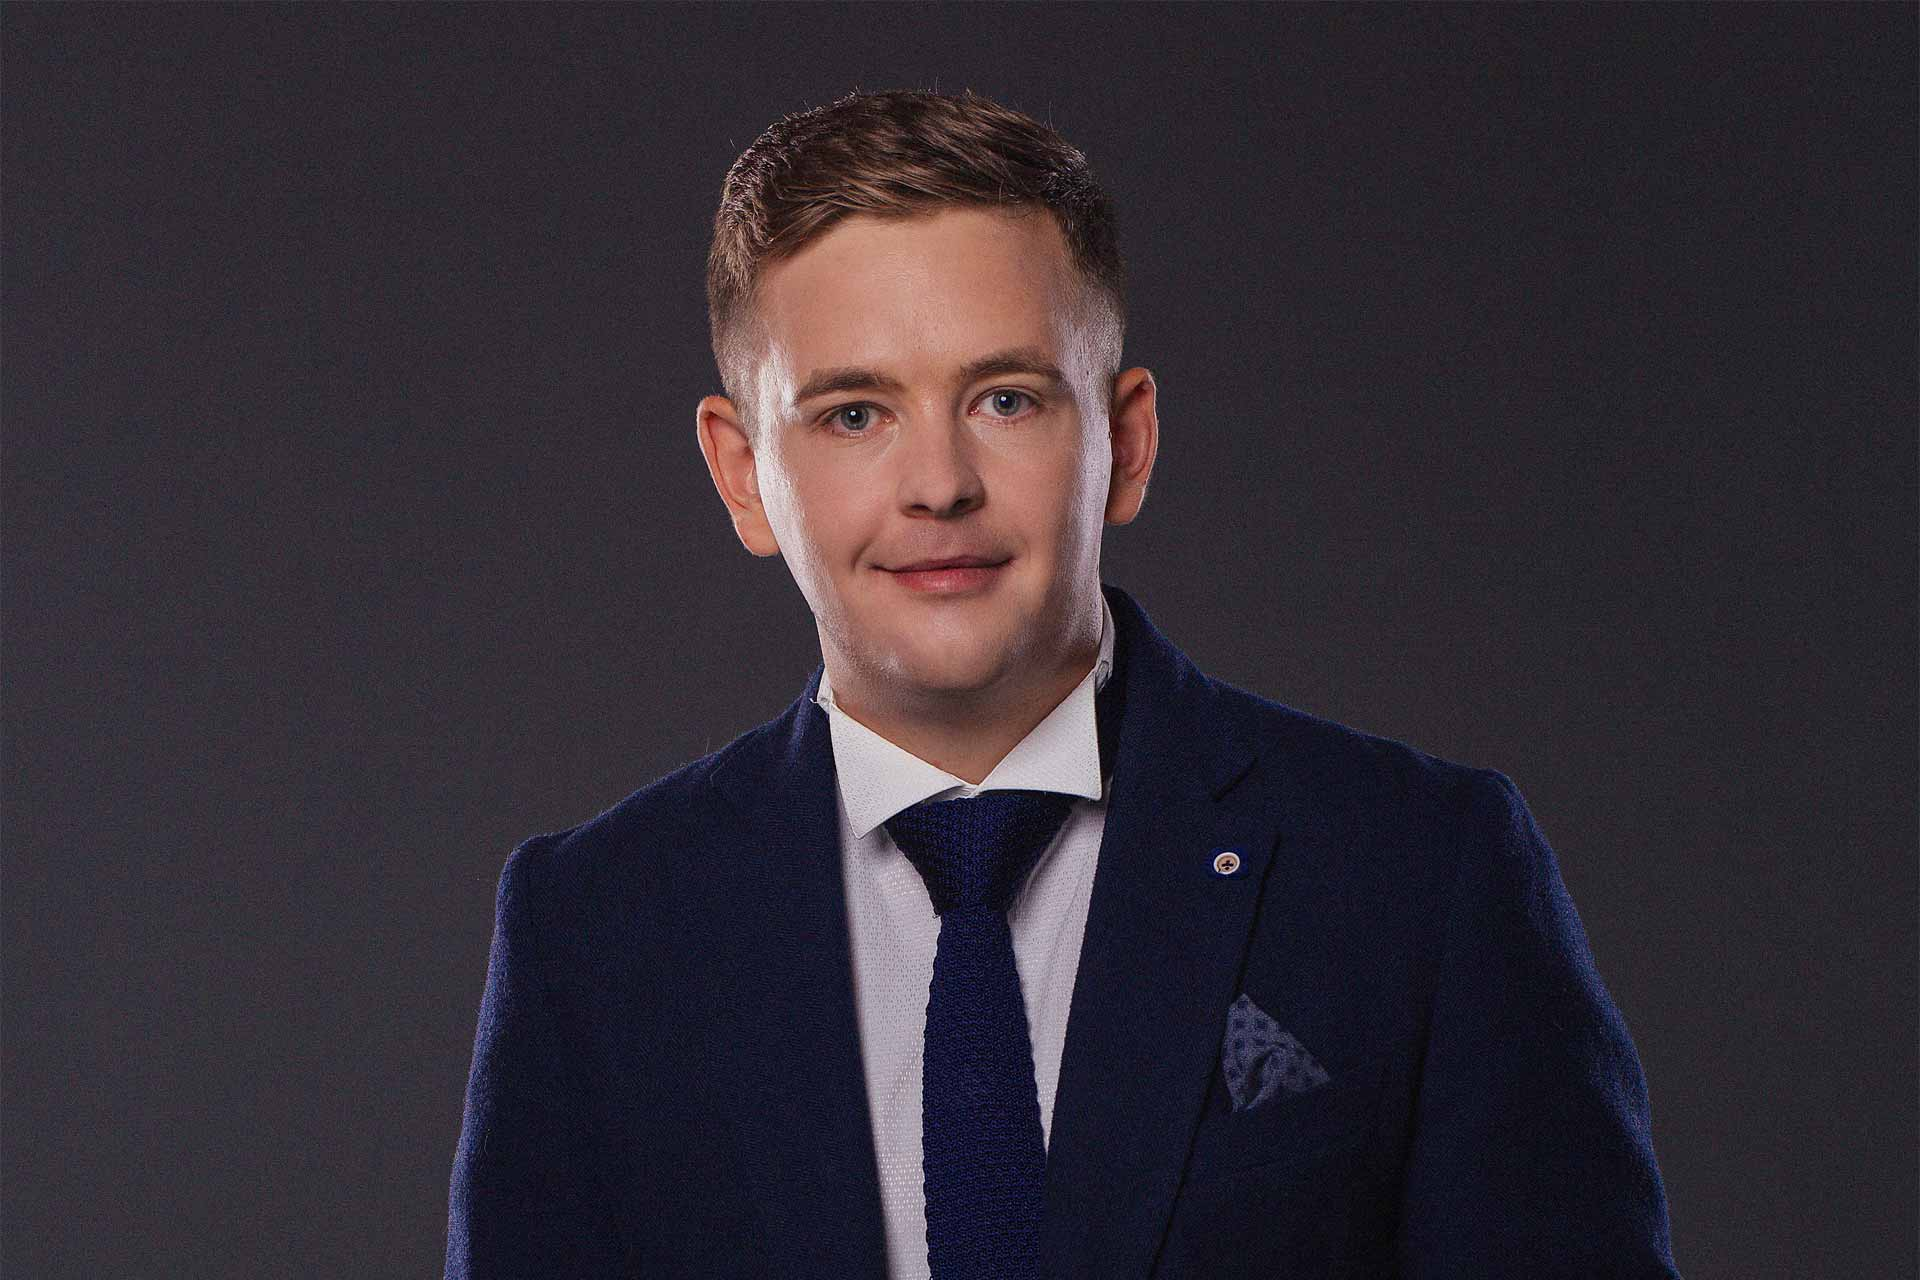 Андрей Казаков, предприниматель, владелец рекламно-производственной компании Simple Touch